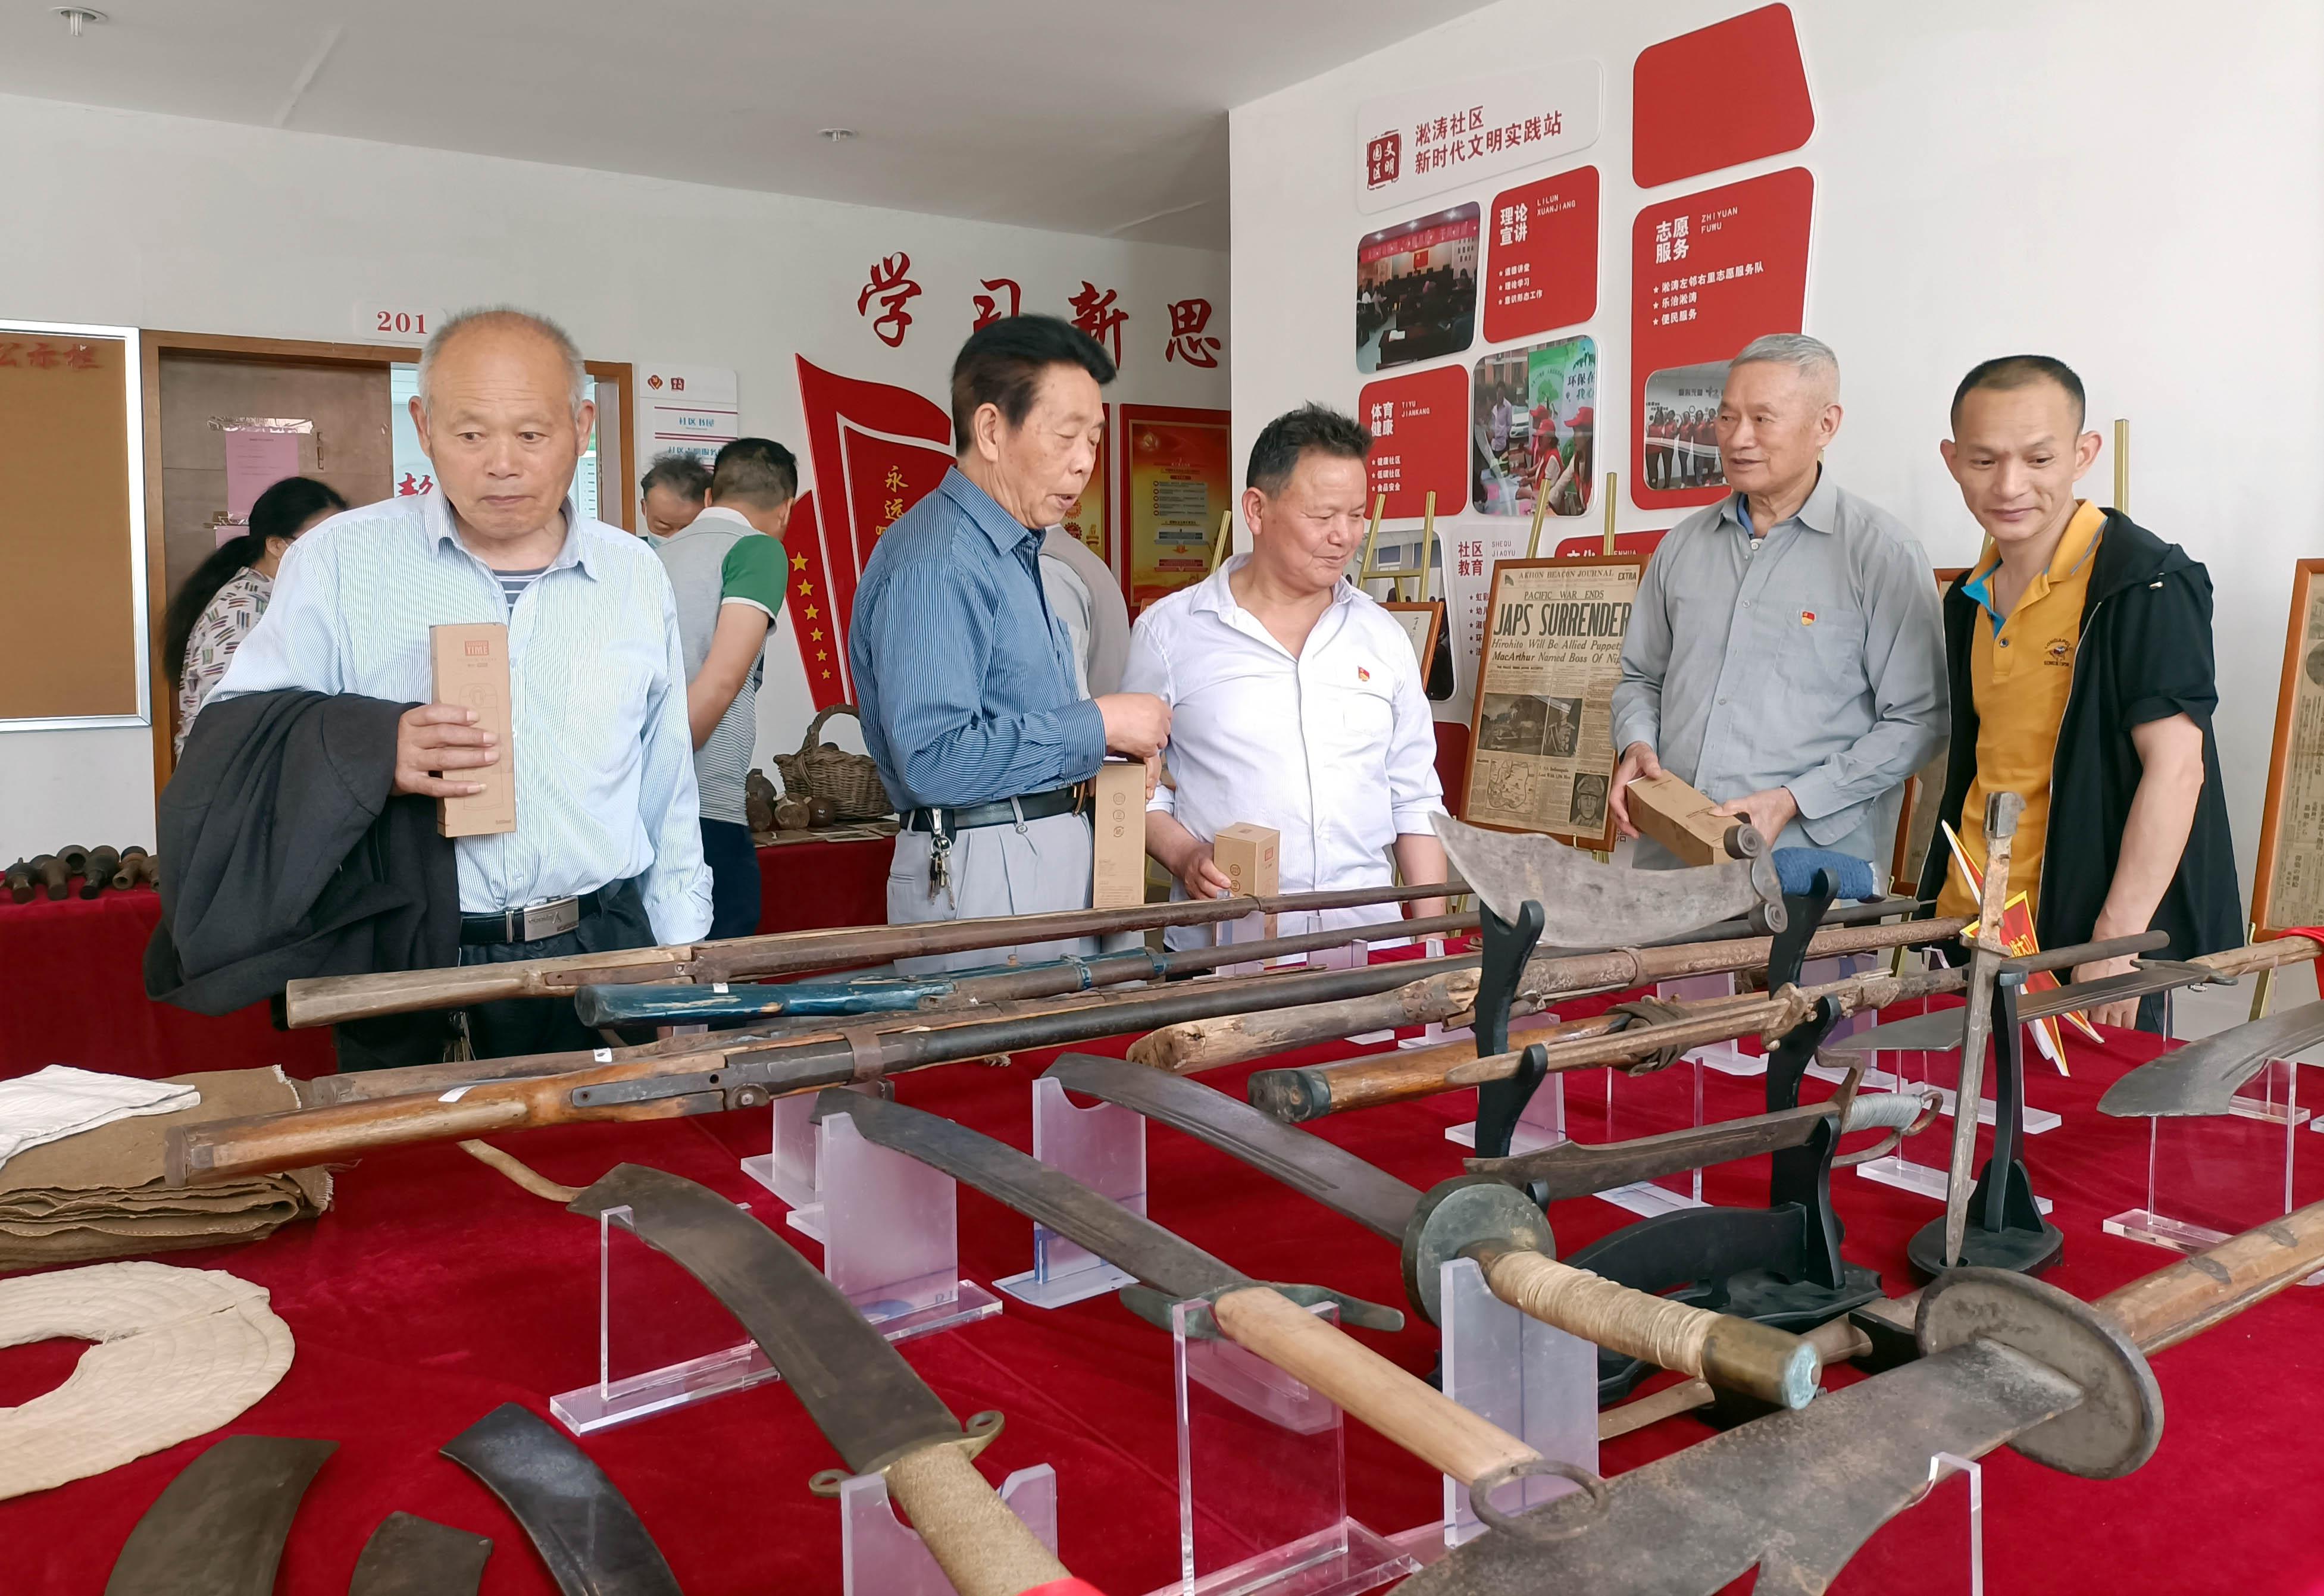 苏州工业园区斜塘街道淞涛社区:VR智慧党建 献礼建党百年